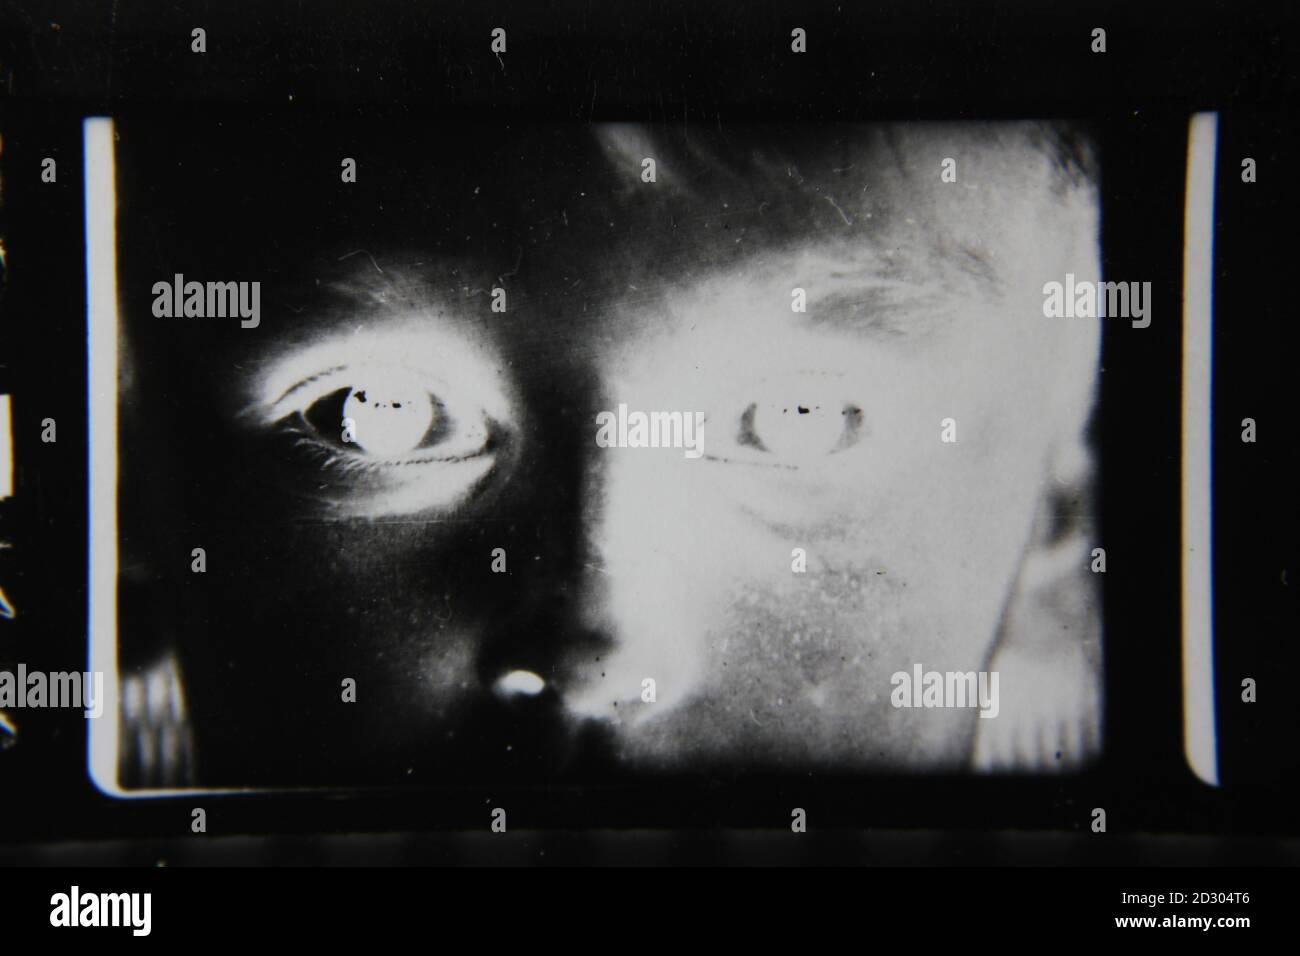 Feine Schwarz-Weiß-Fotografie aus den 1970er Jahren, bei der ein Jugendlicher mit leuchtenden Augen auf die Kamera schaut. Stockfoto